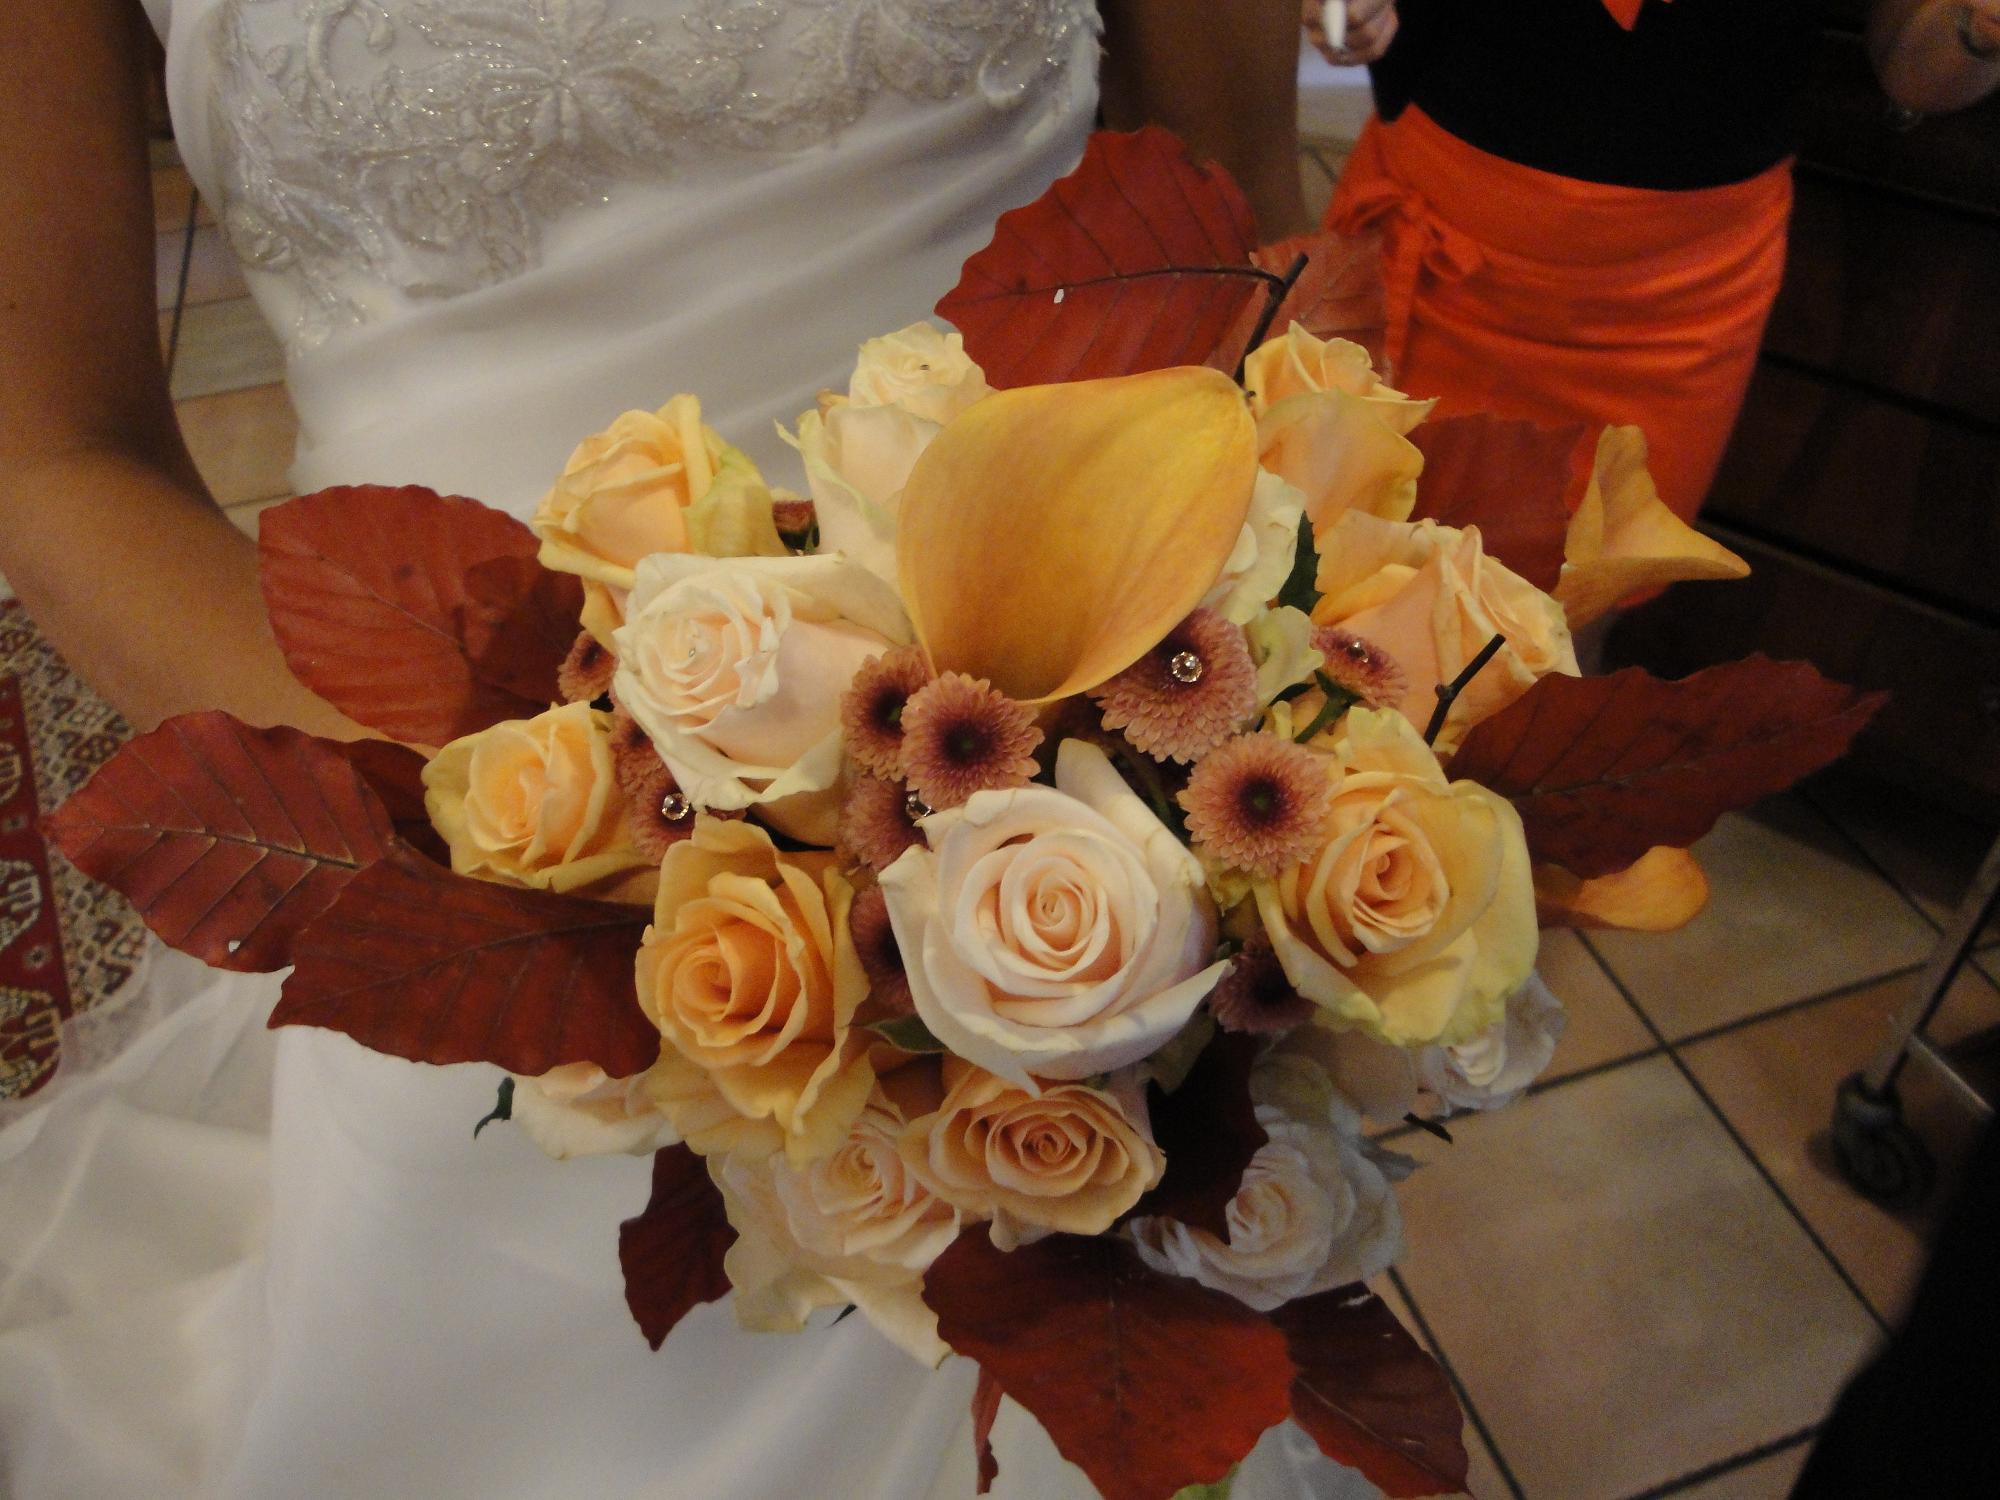 Bouquet Da Sposa Settembre.Fiori Per Bouquet Sposa Settembre